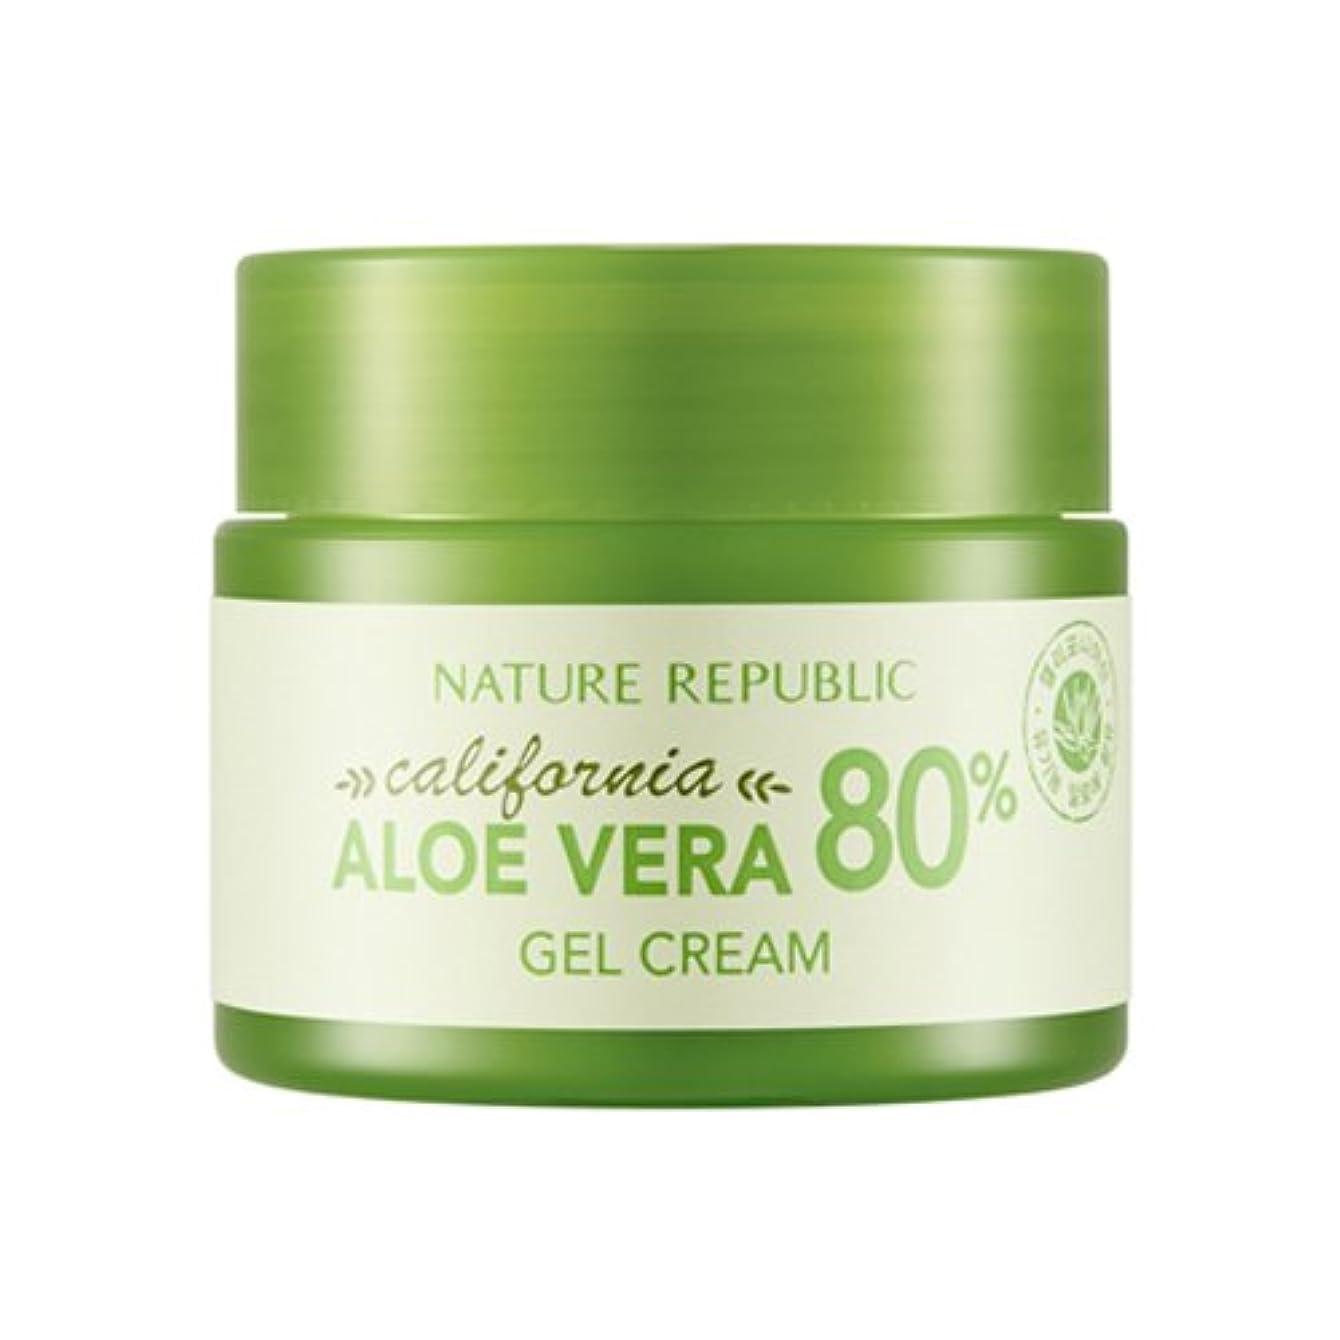 血色の良い歩行者増強する[ネイチャーリパブリック] Nature Republic カリフォルニアアロエベラ80%のゲルクリーム California Aloe Vera 80% Gel Cream [並行輸入品]